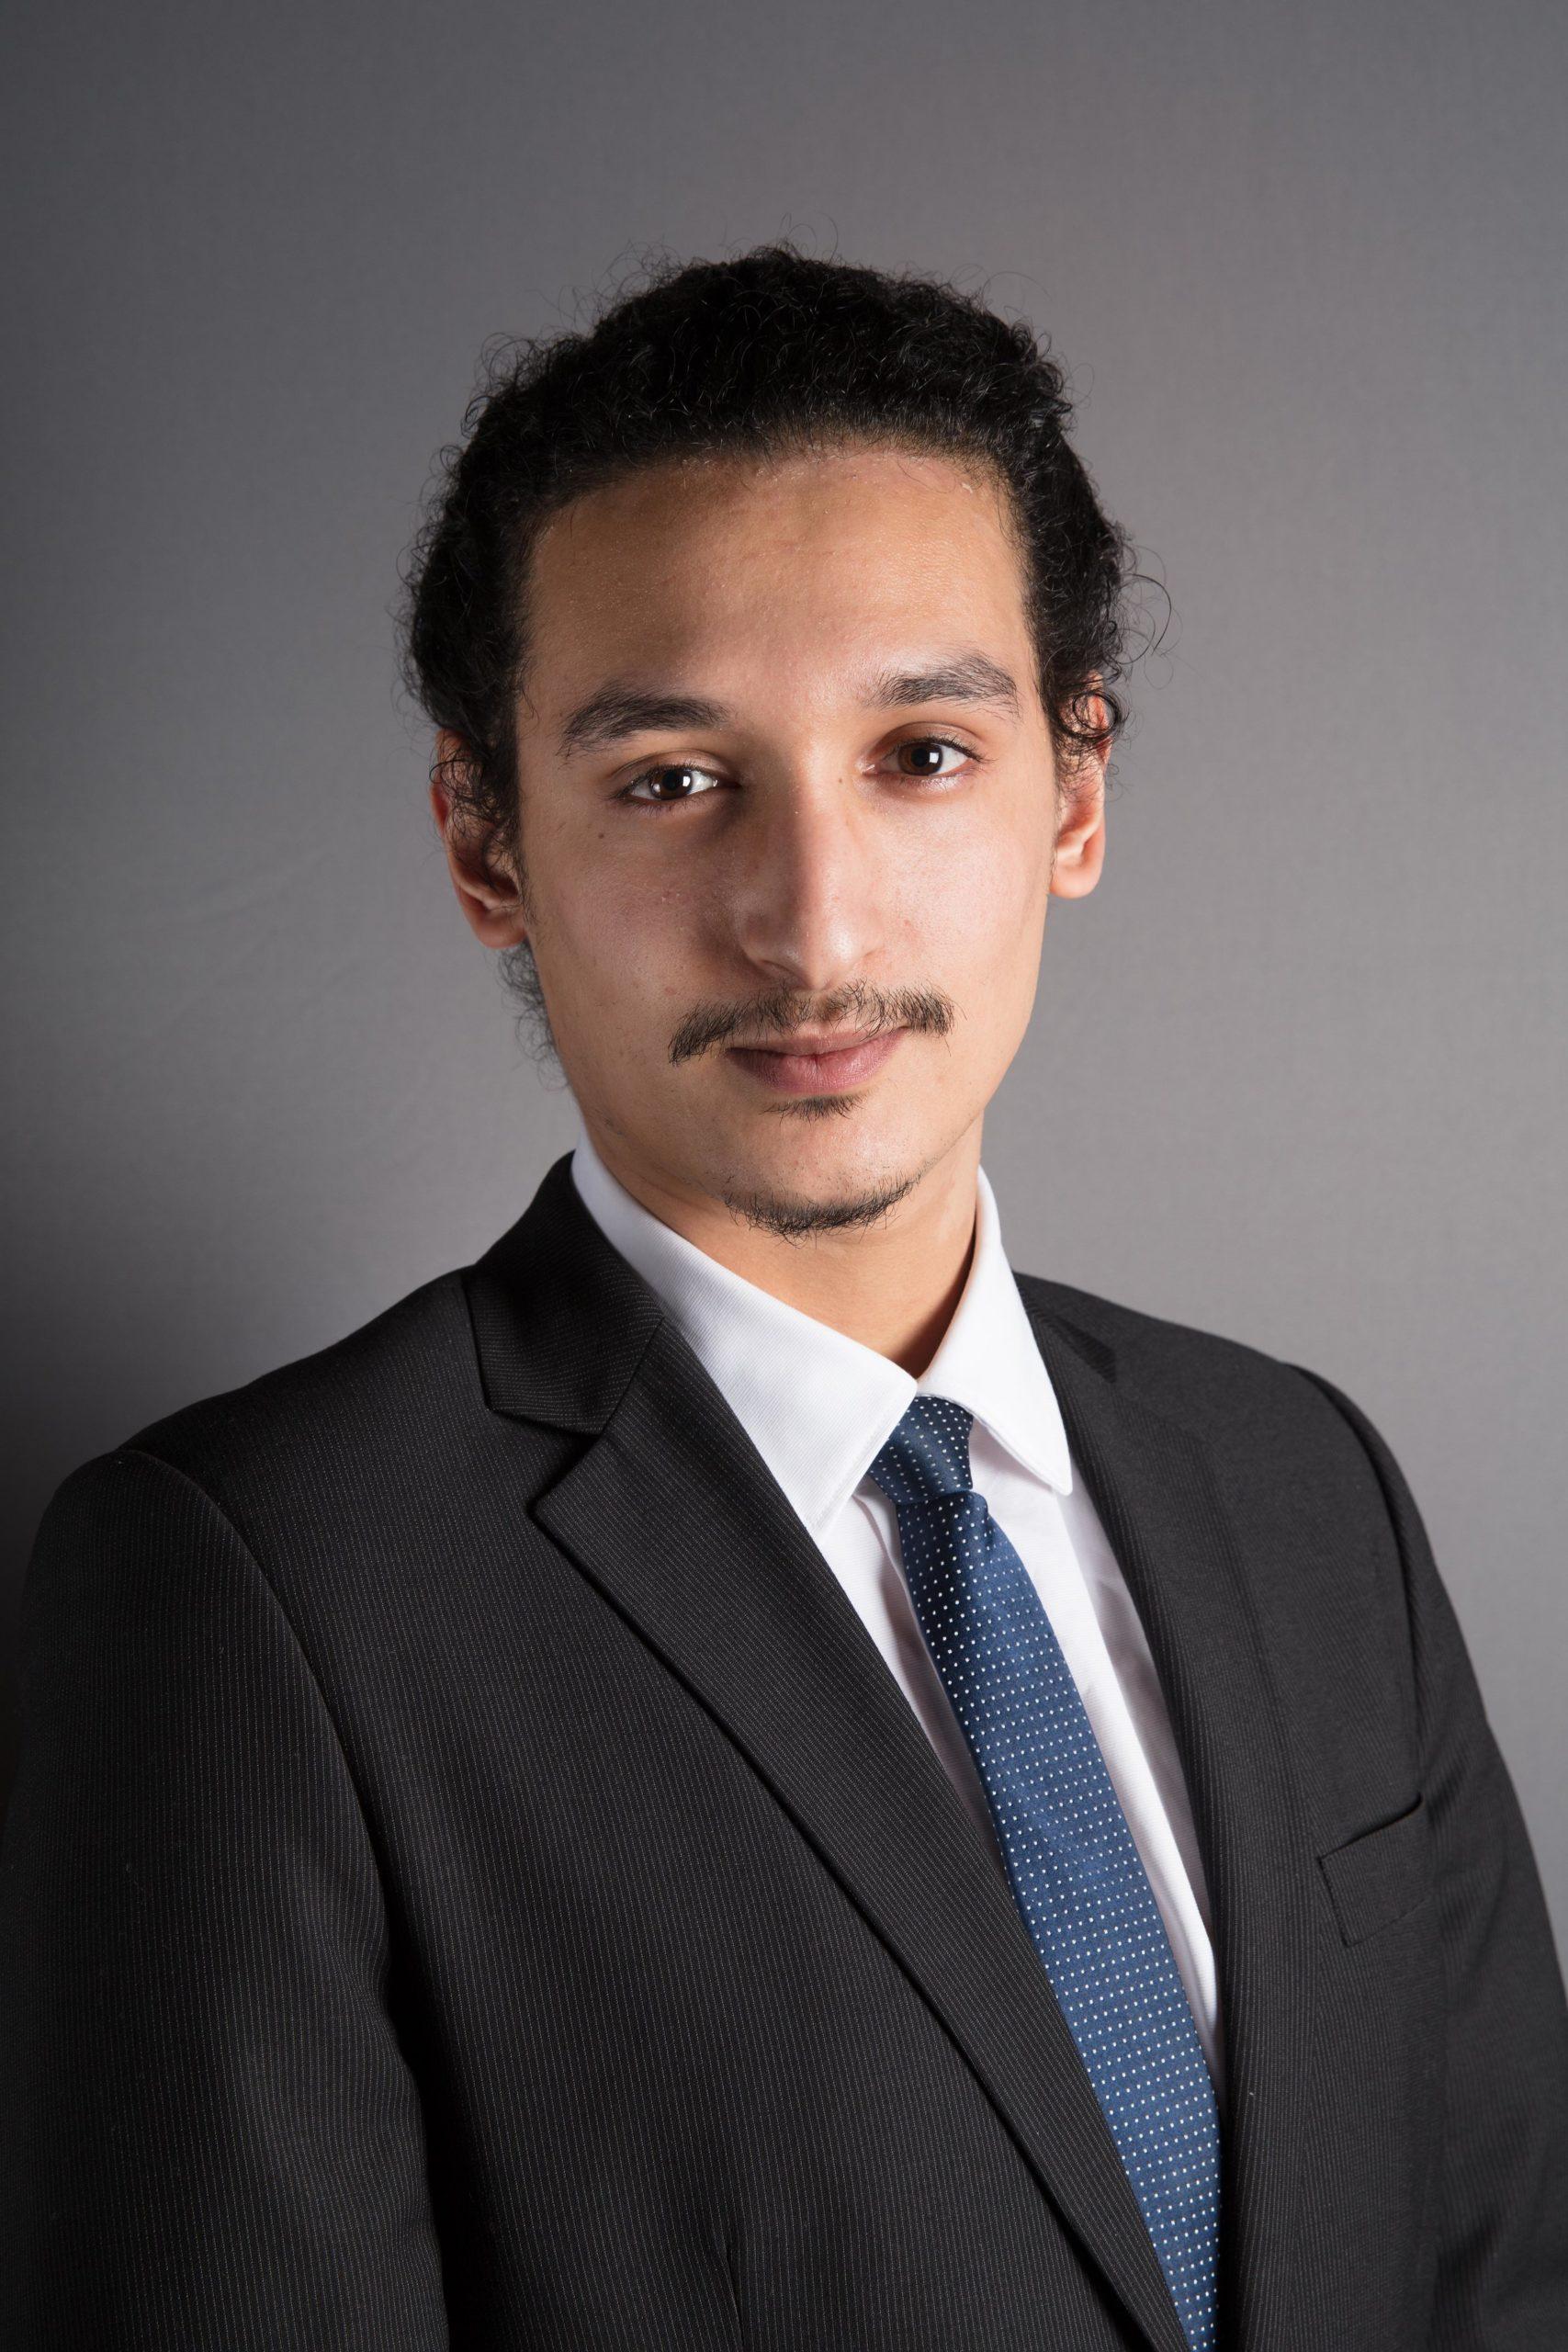 Ayoub Sami